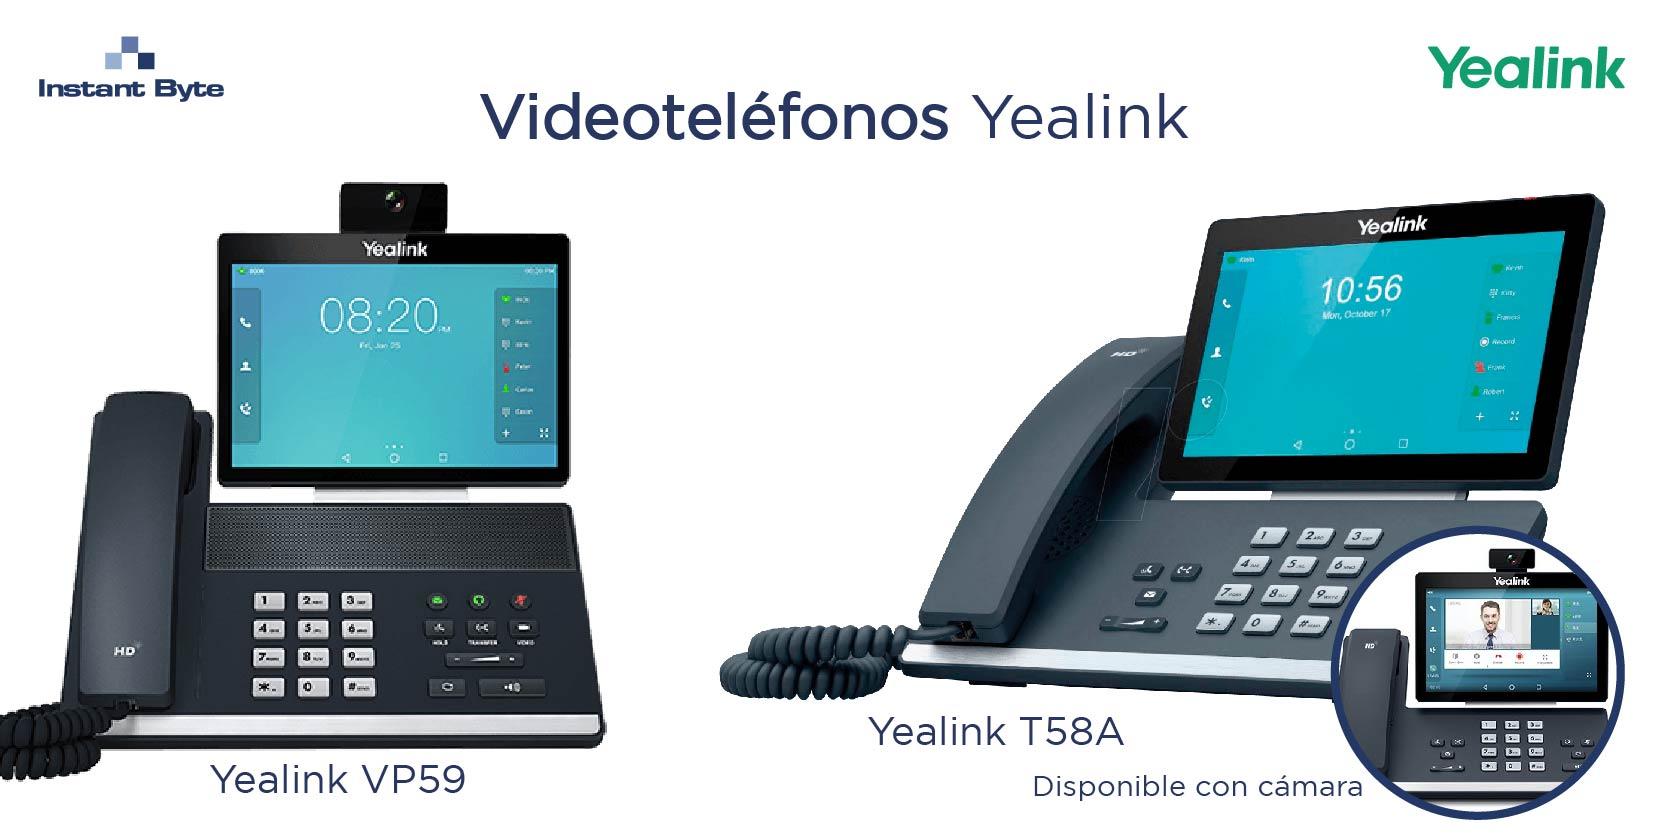 Soluciones y beneficios de los videoteléfonos de Yealink